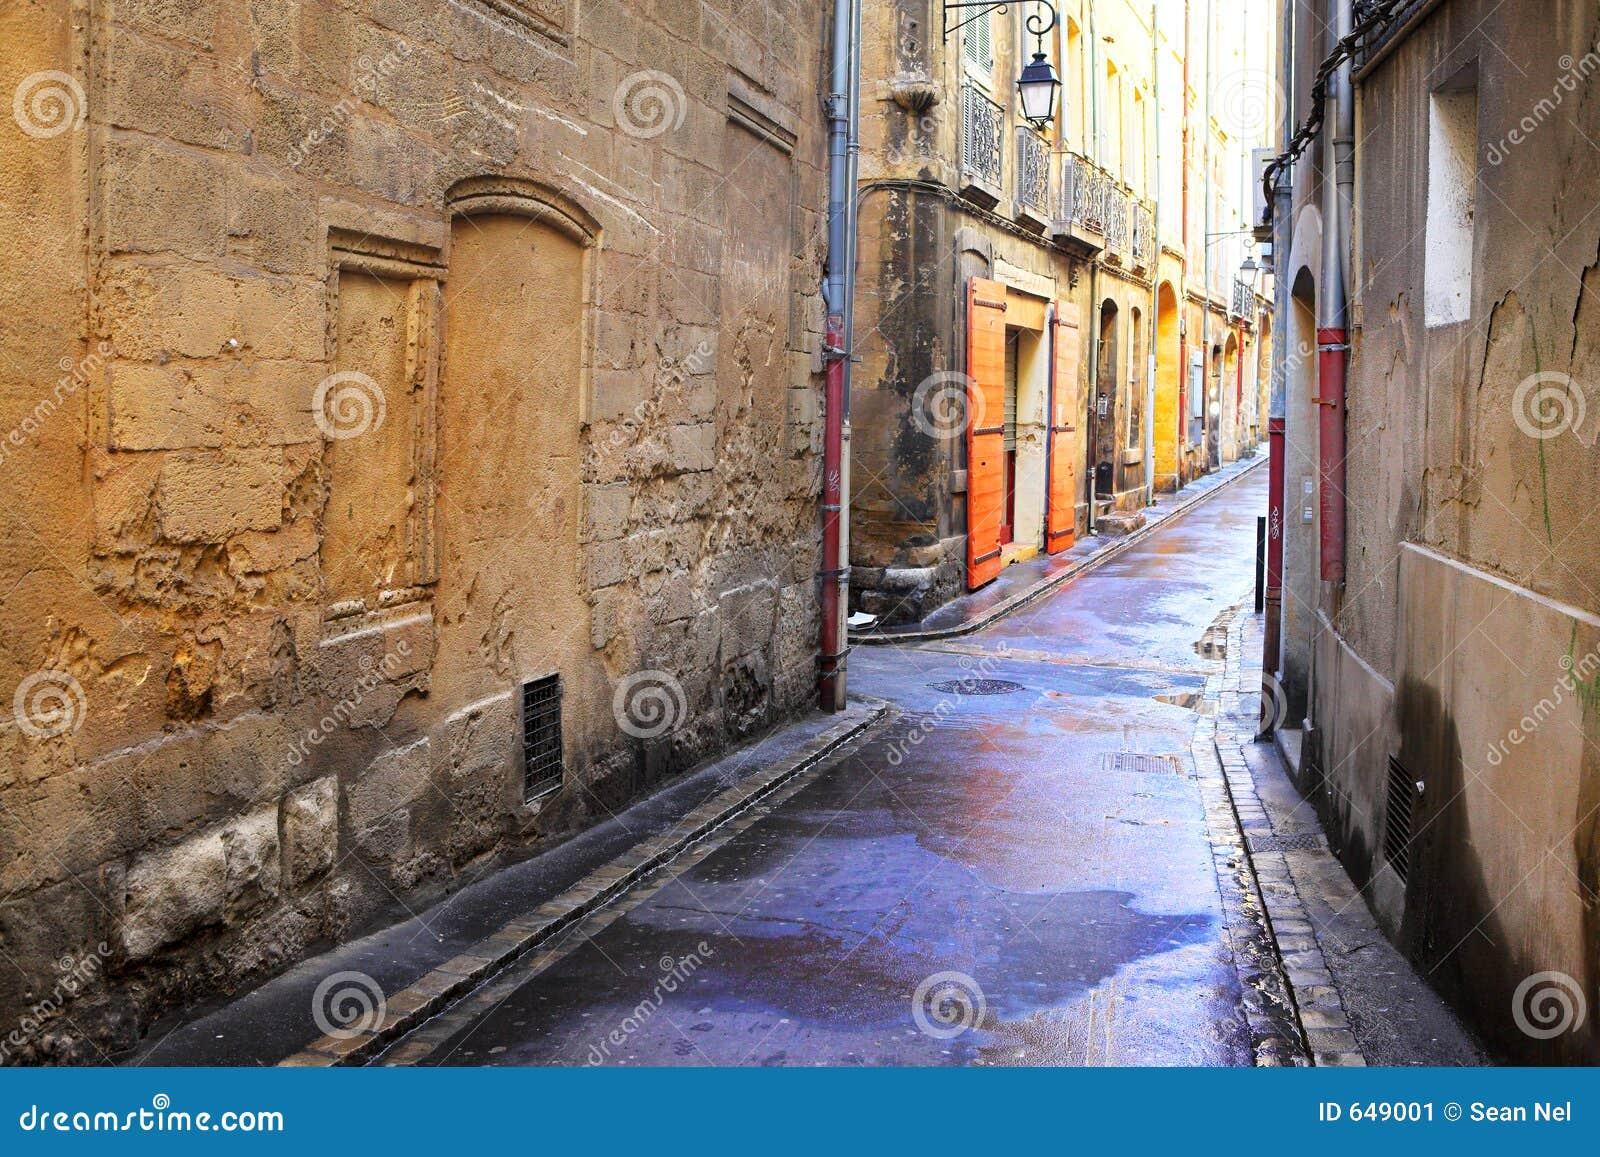 Aix-en-Provence #49